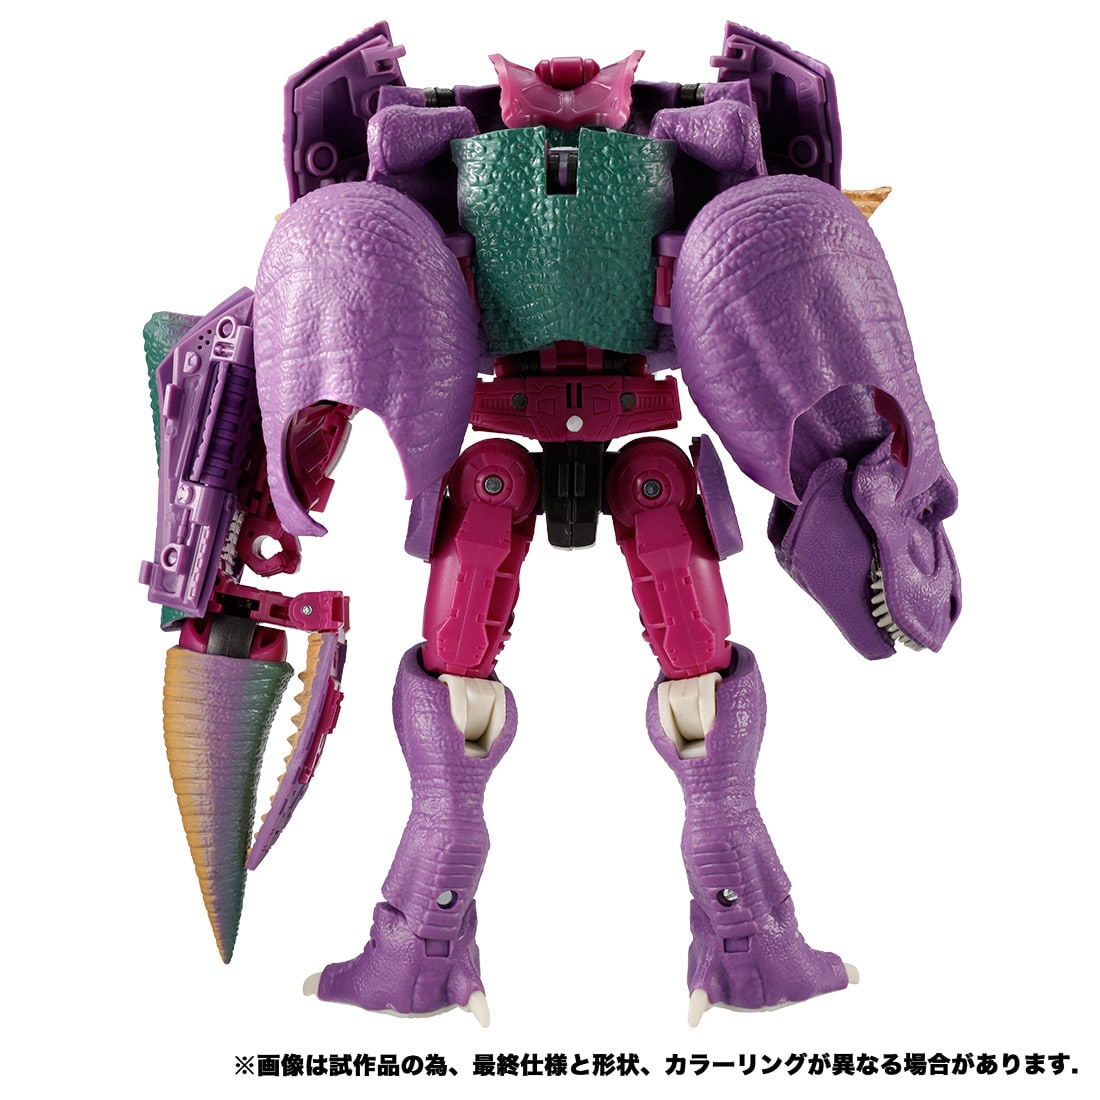 トランスフォーマー キングダム『KD-04 メガトロン(ビースト)』ビーストウォーズ 可変可動フィギュア-006